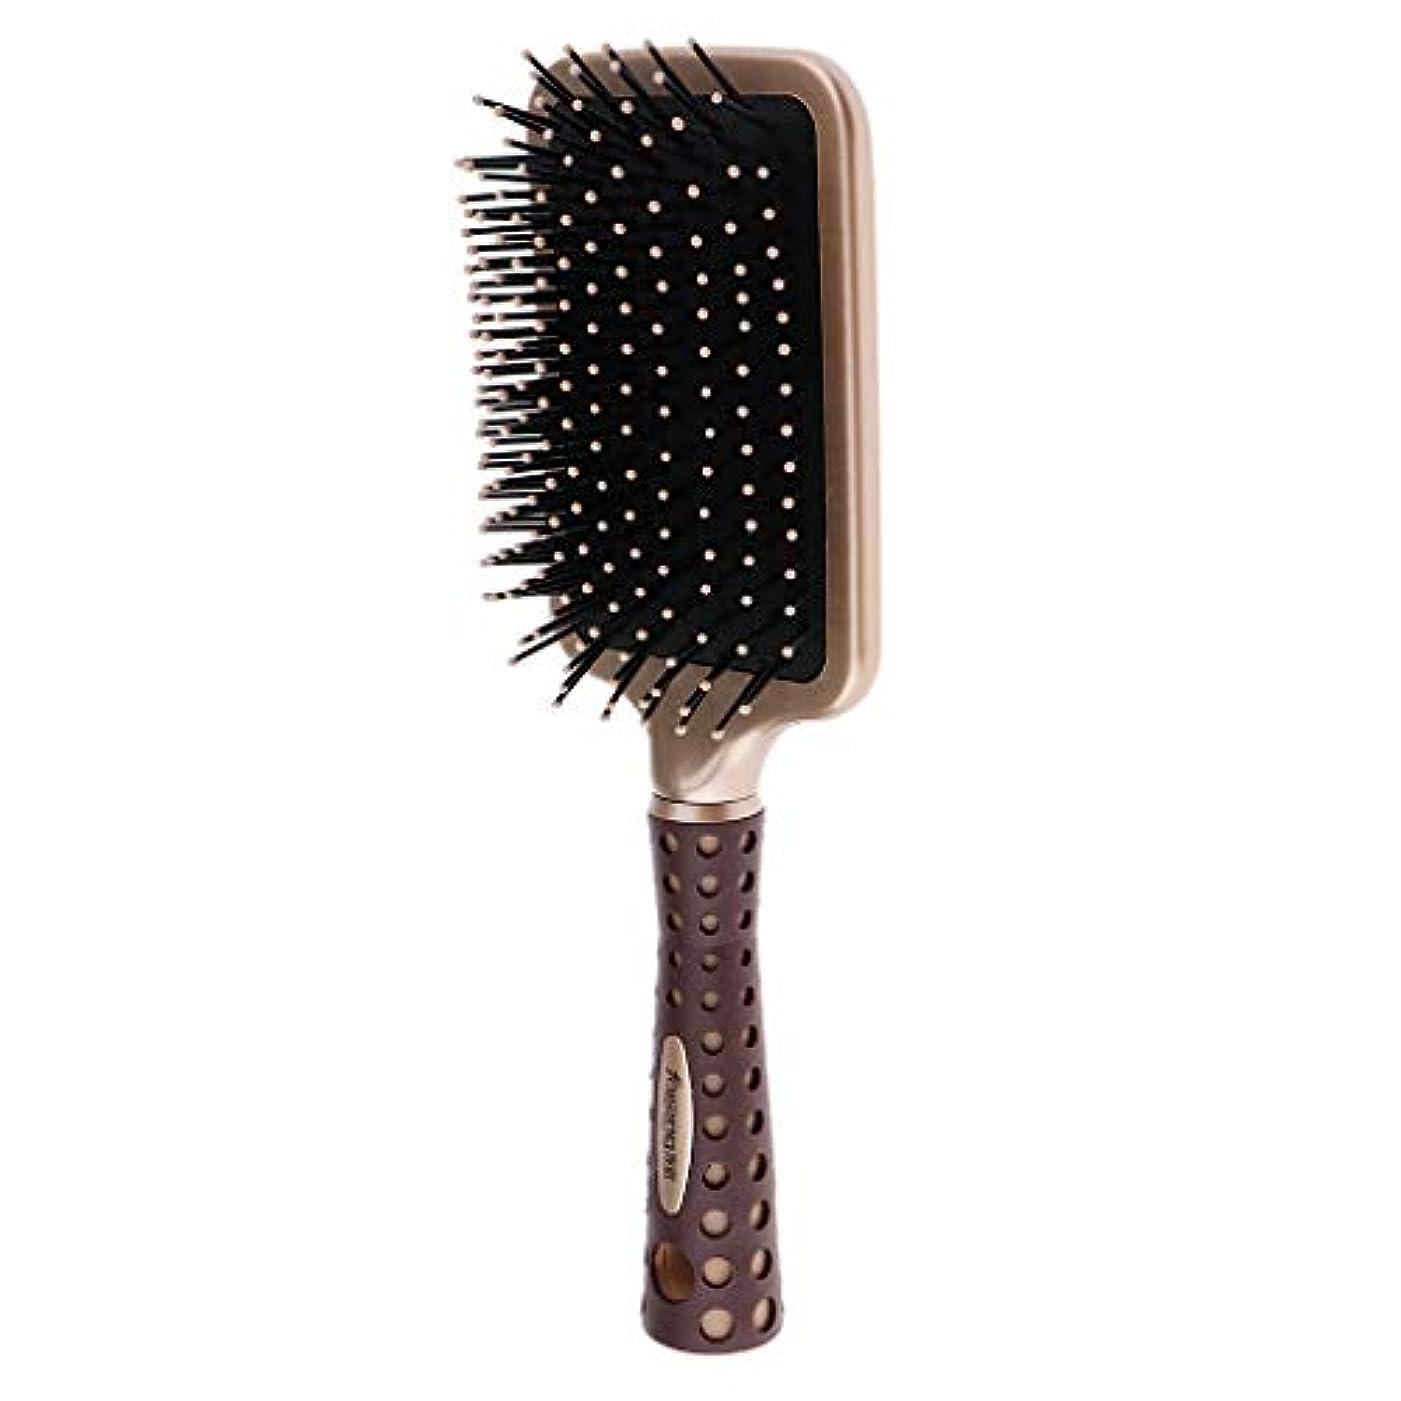 議論する重要性そばに静電防止櫛 クッションヘアブラシ 頭皮マッサージ コーム 2サイズ選べ - L